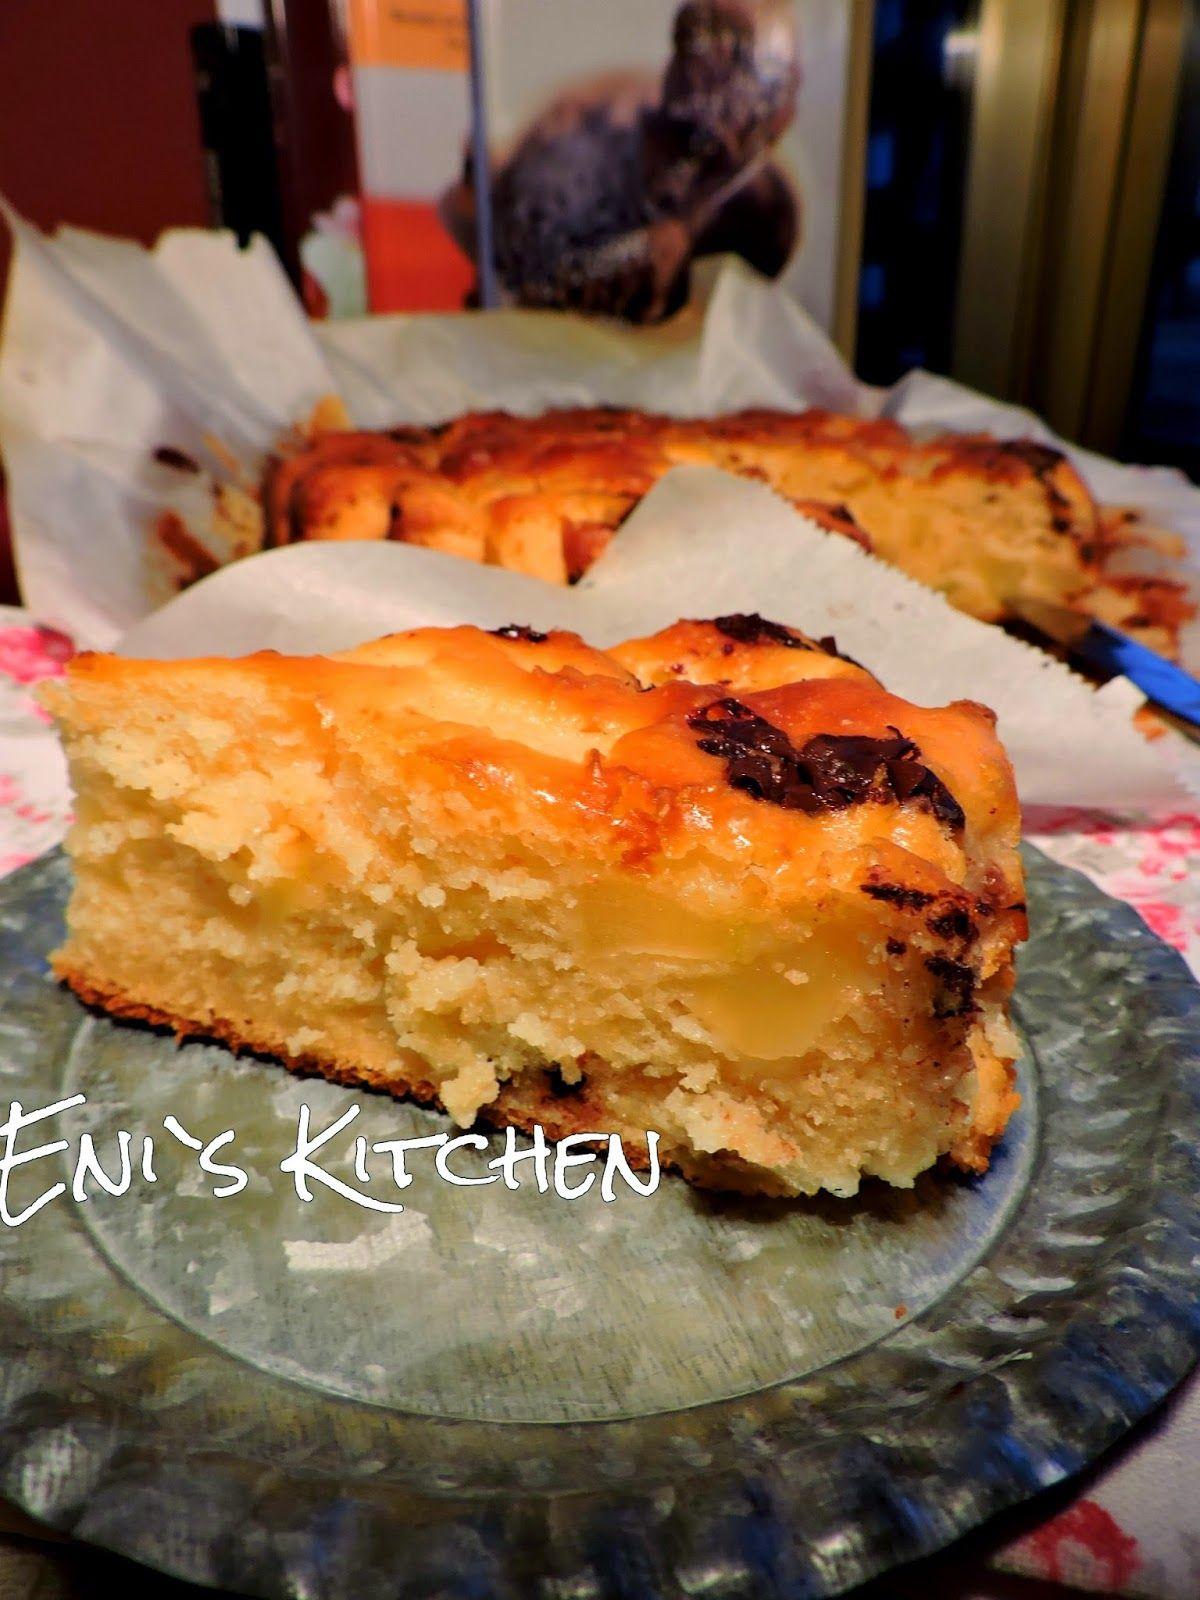 Eni´s Kitchen: Bizcocho de manzana! y Dayelet - Chec cu mere!. No azúcar